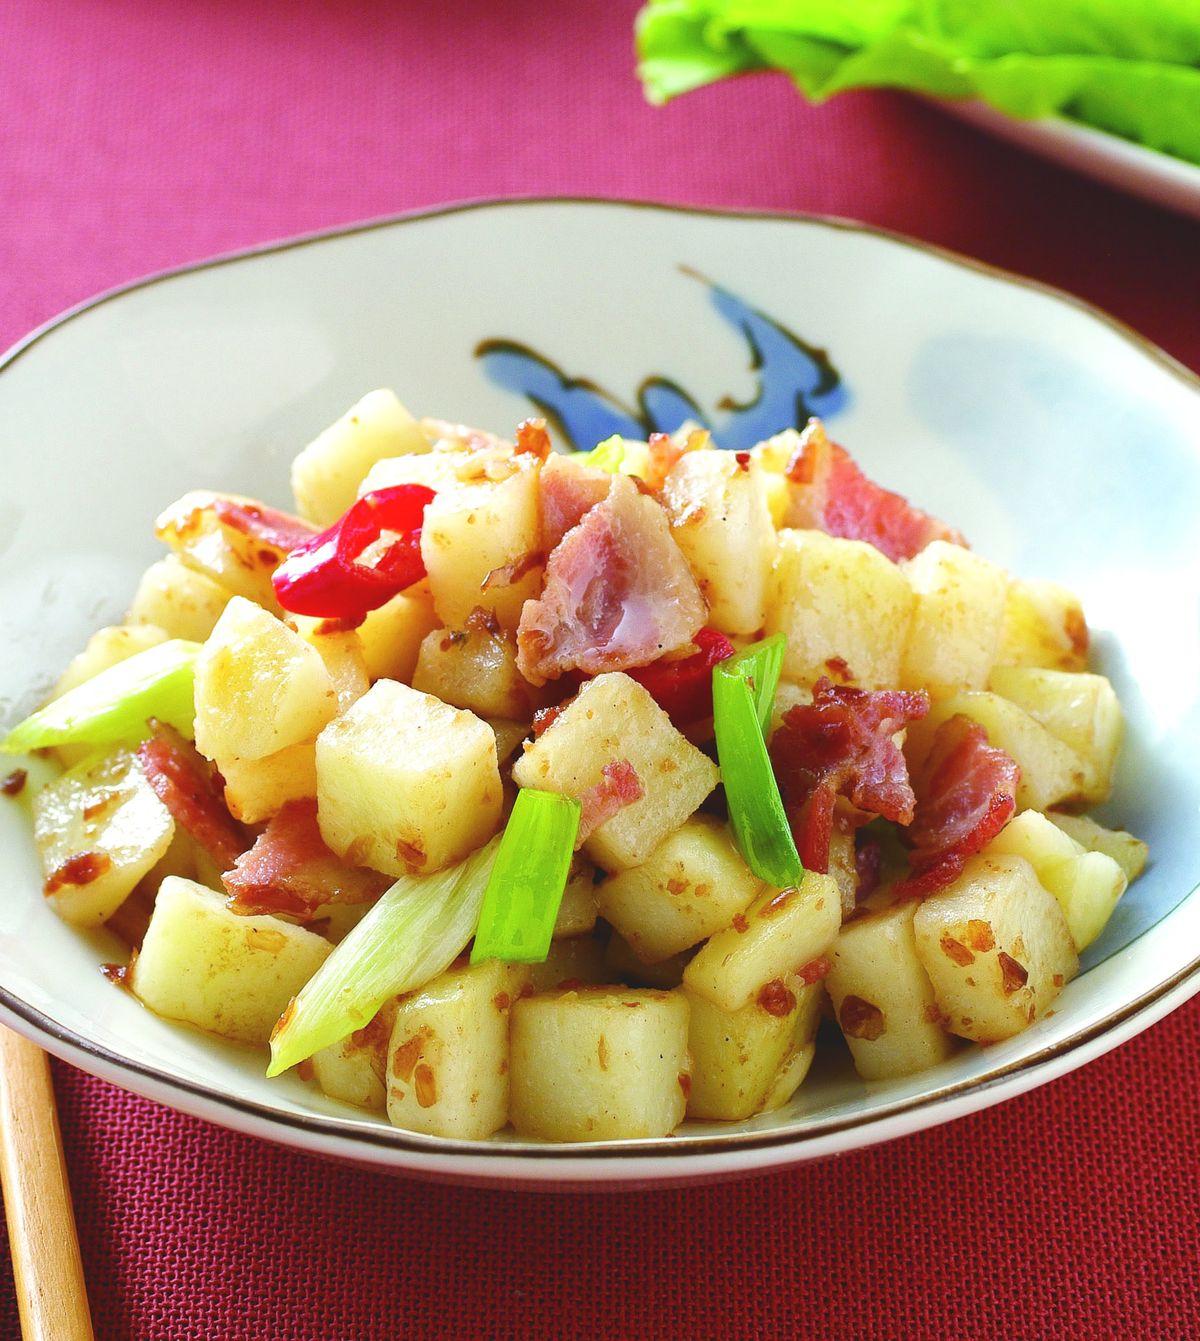 食譜:肉燥培根馬鈴薯